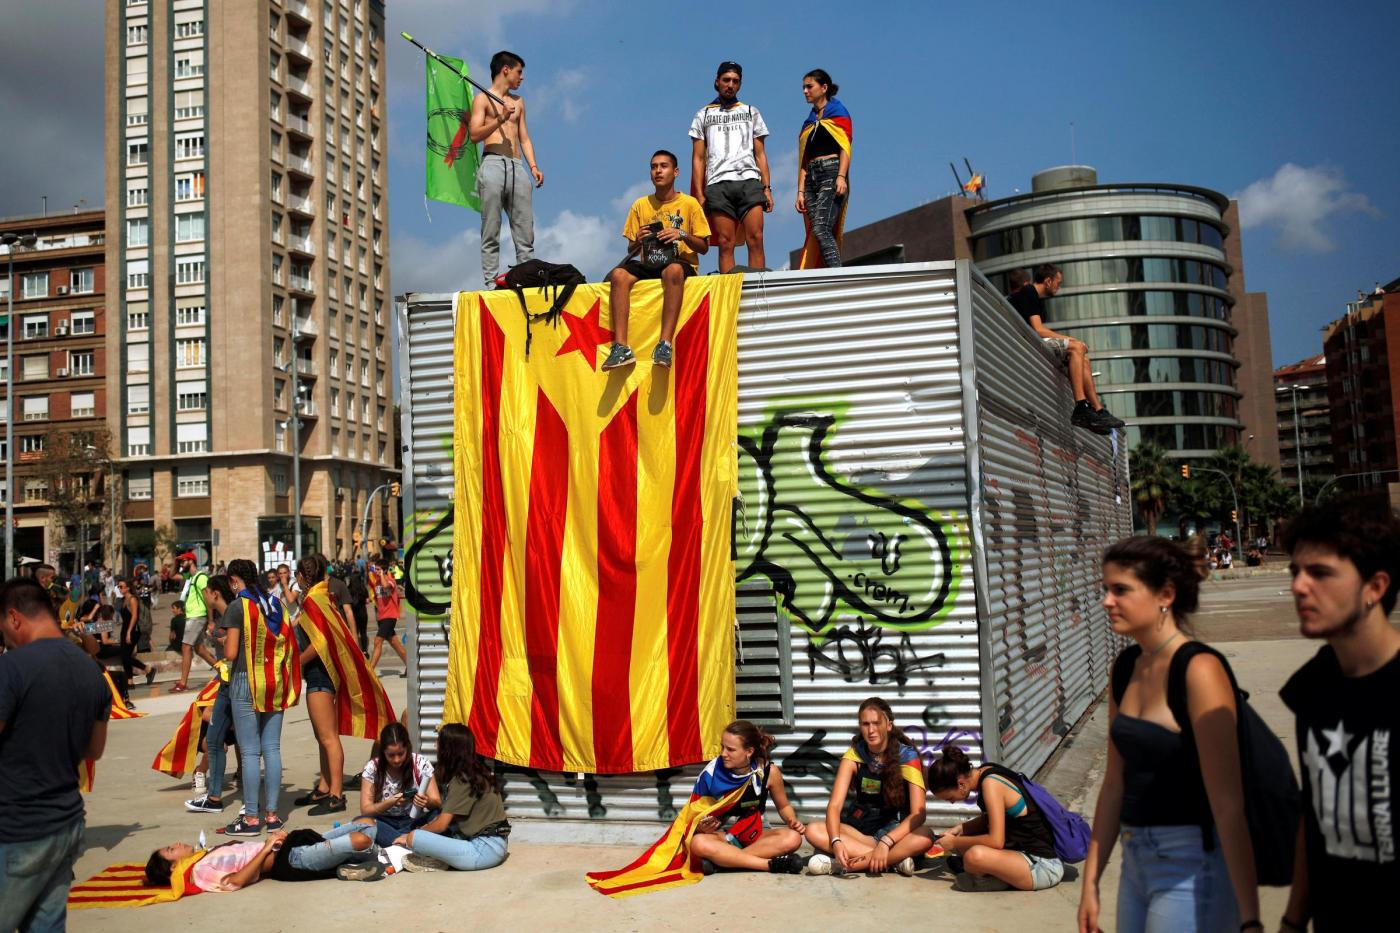 L'intervista di Vincenzo Cardile: Roberta, messinese, ci racconta la Rivoluzione d'Ottobre in Catalogna